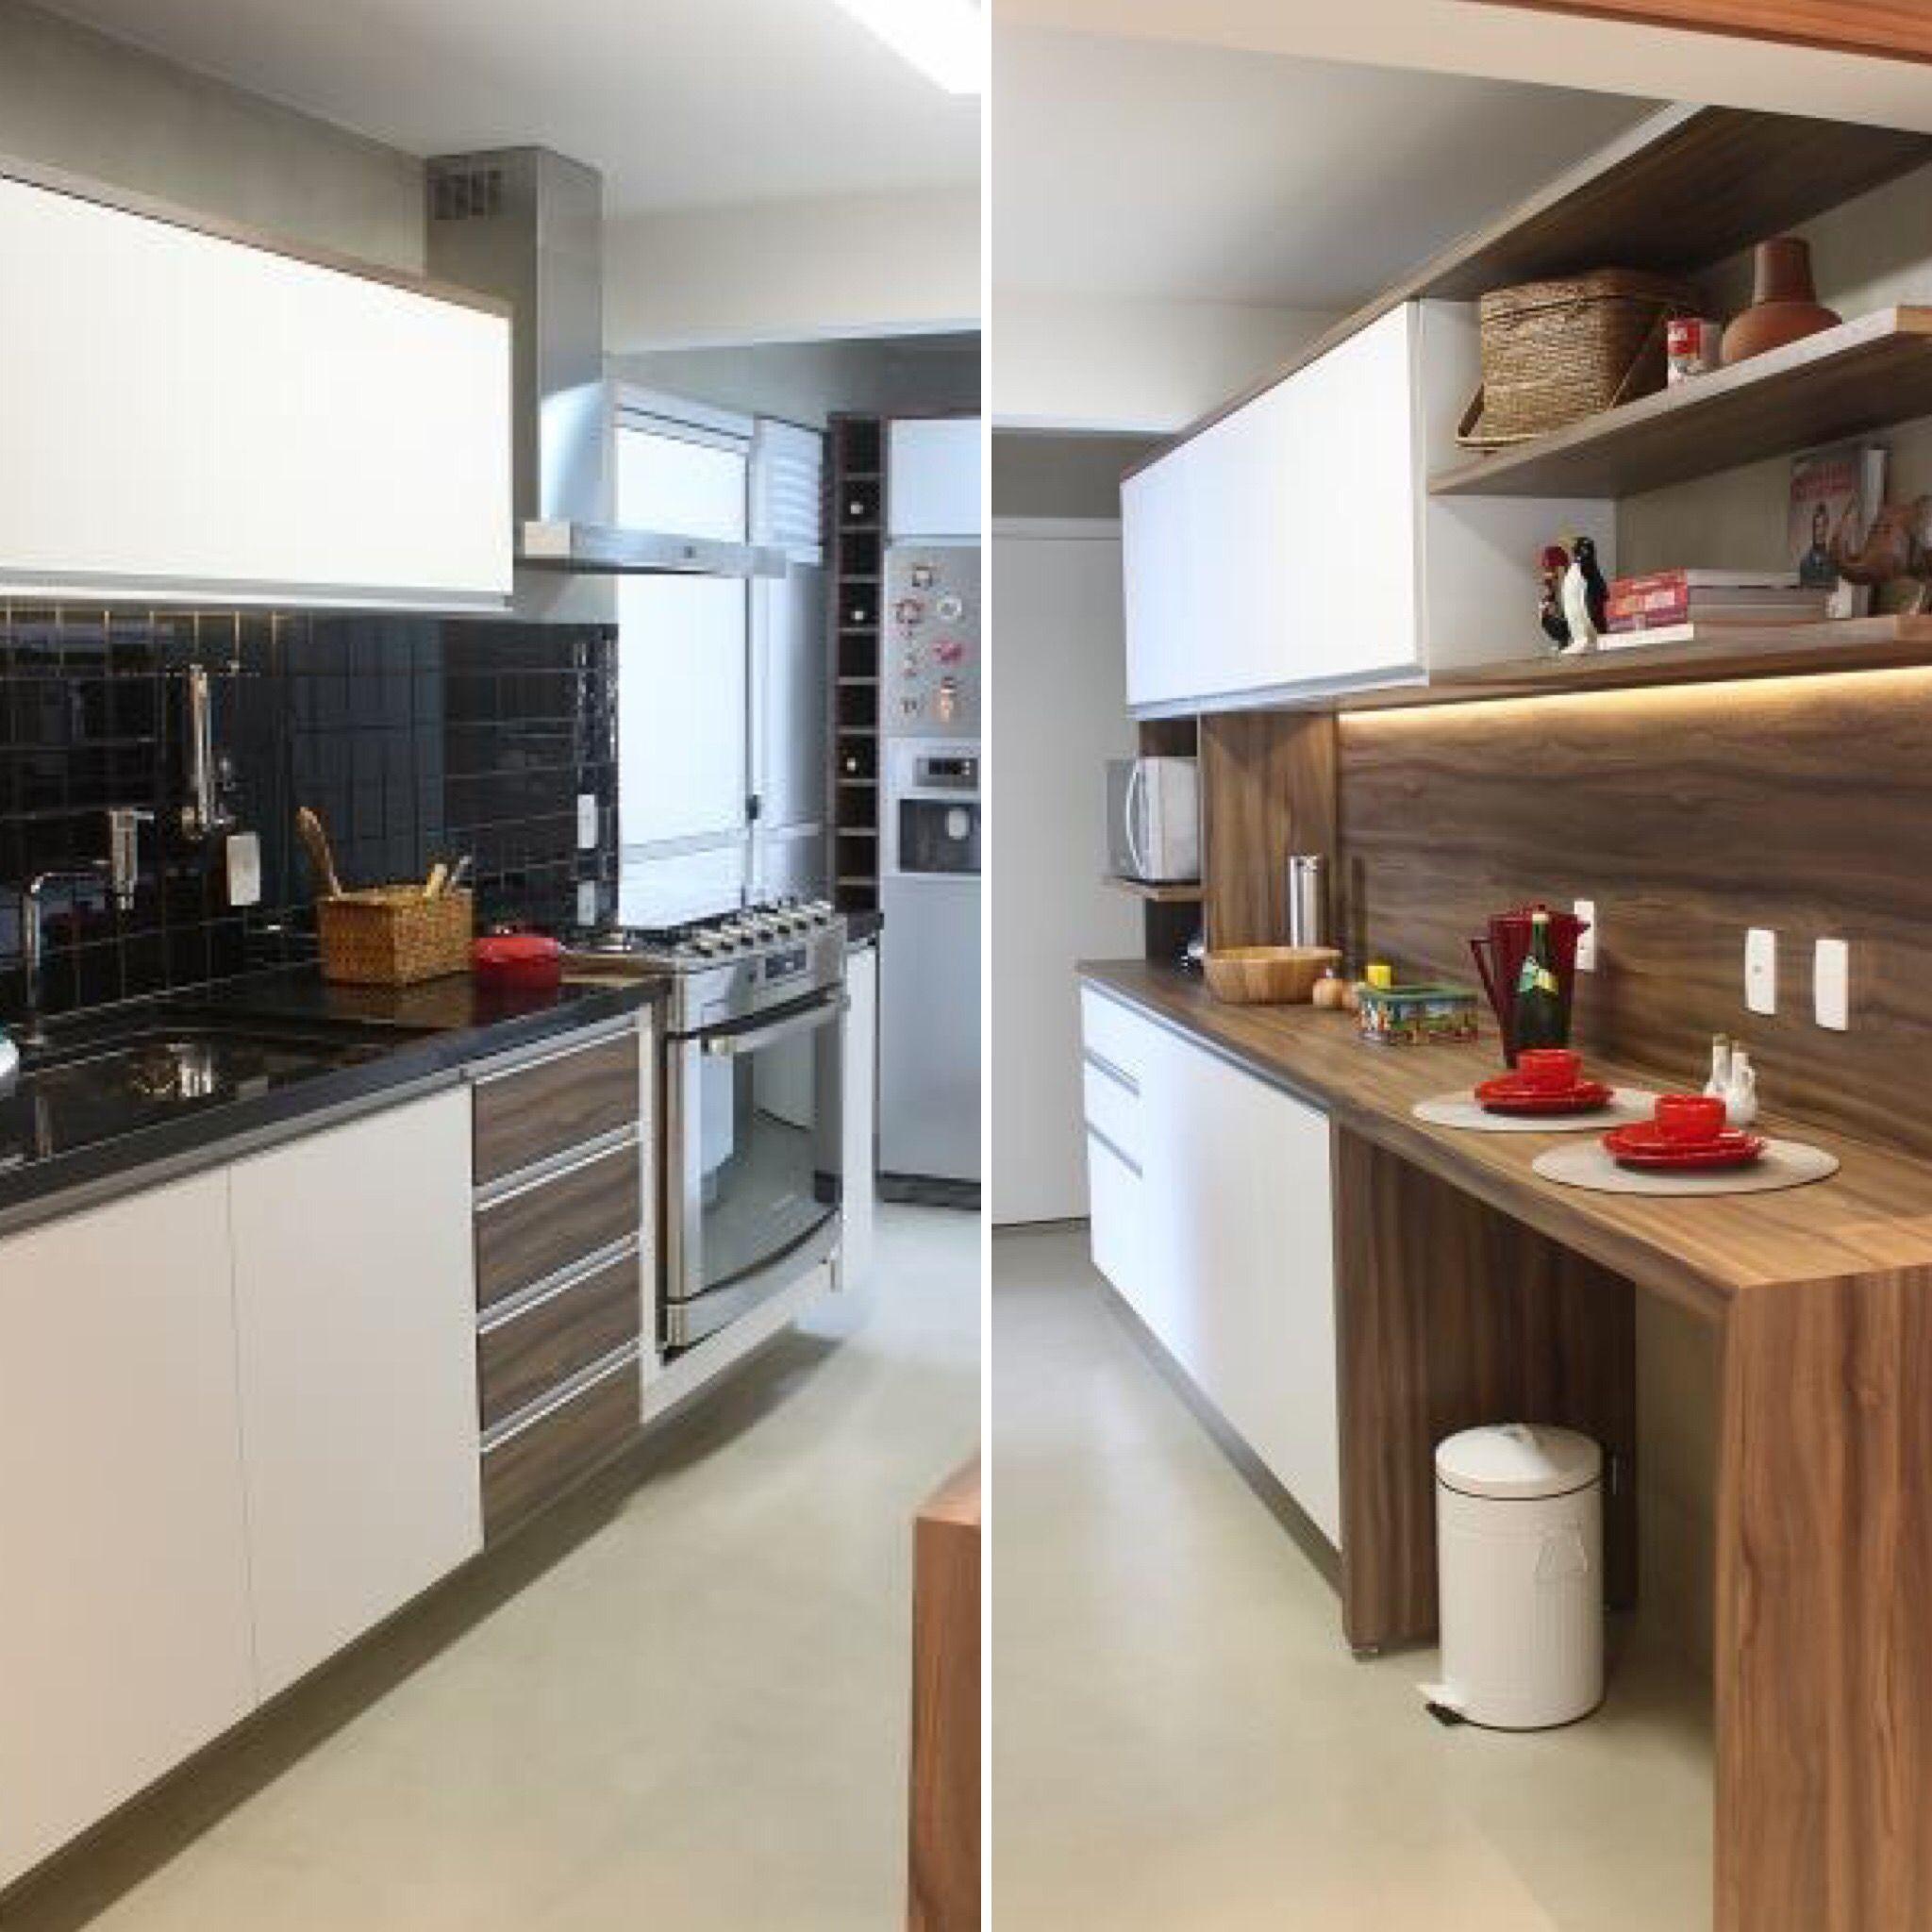 Cozinha Planejada Com Bancada Arm Rios E Ilumina O De Led  ~ Cozinha Planejada Curitiba